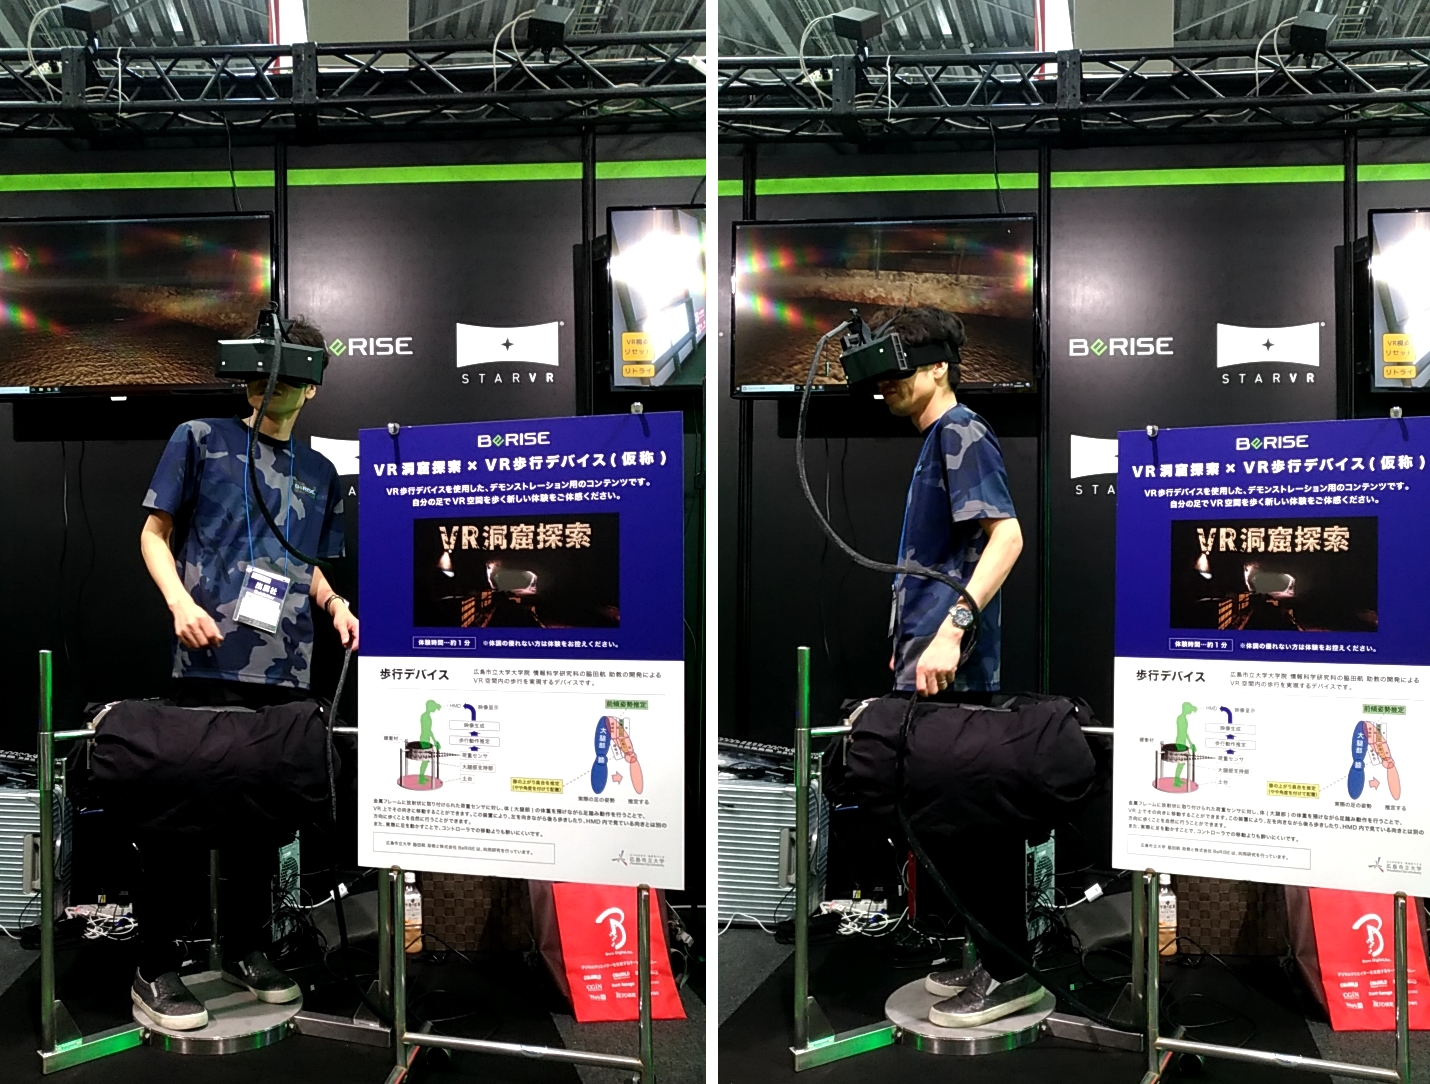 全方位VR歩行プラットフォーム